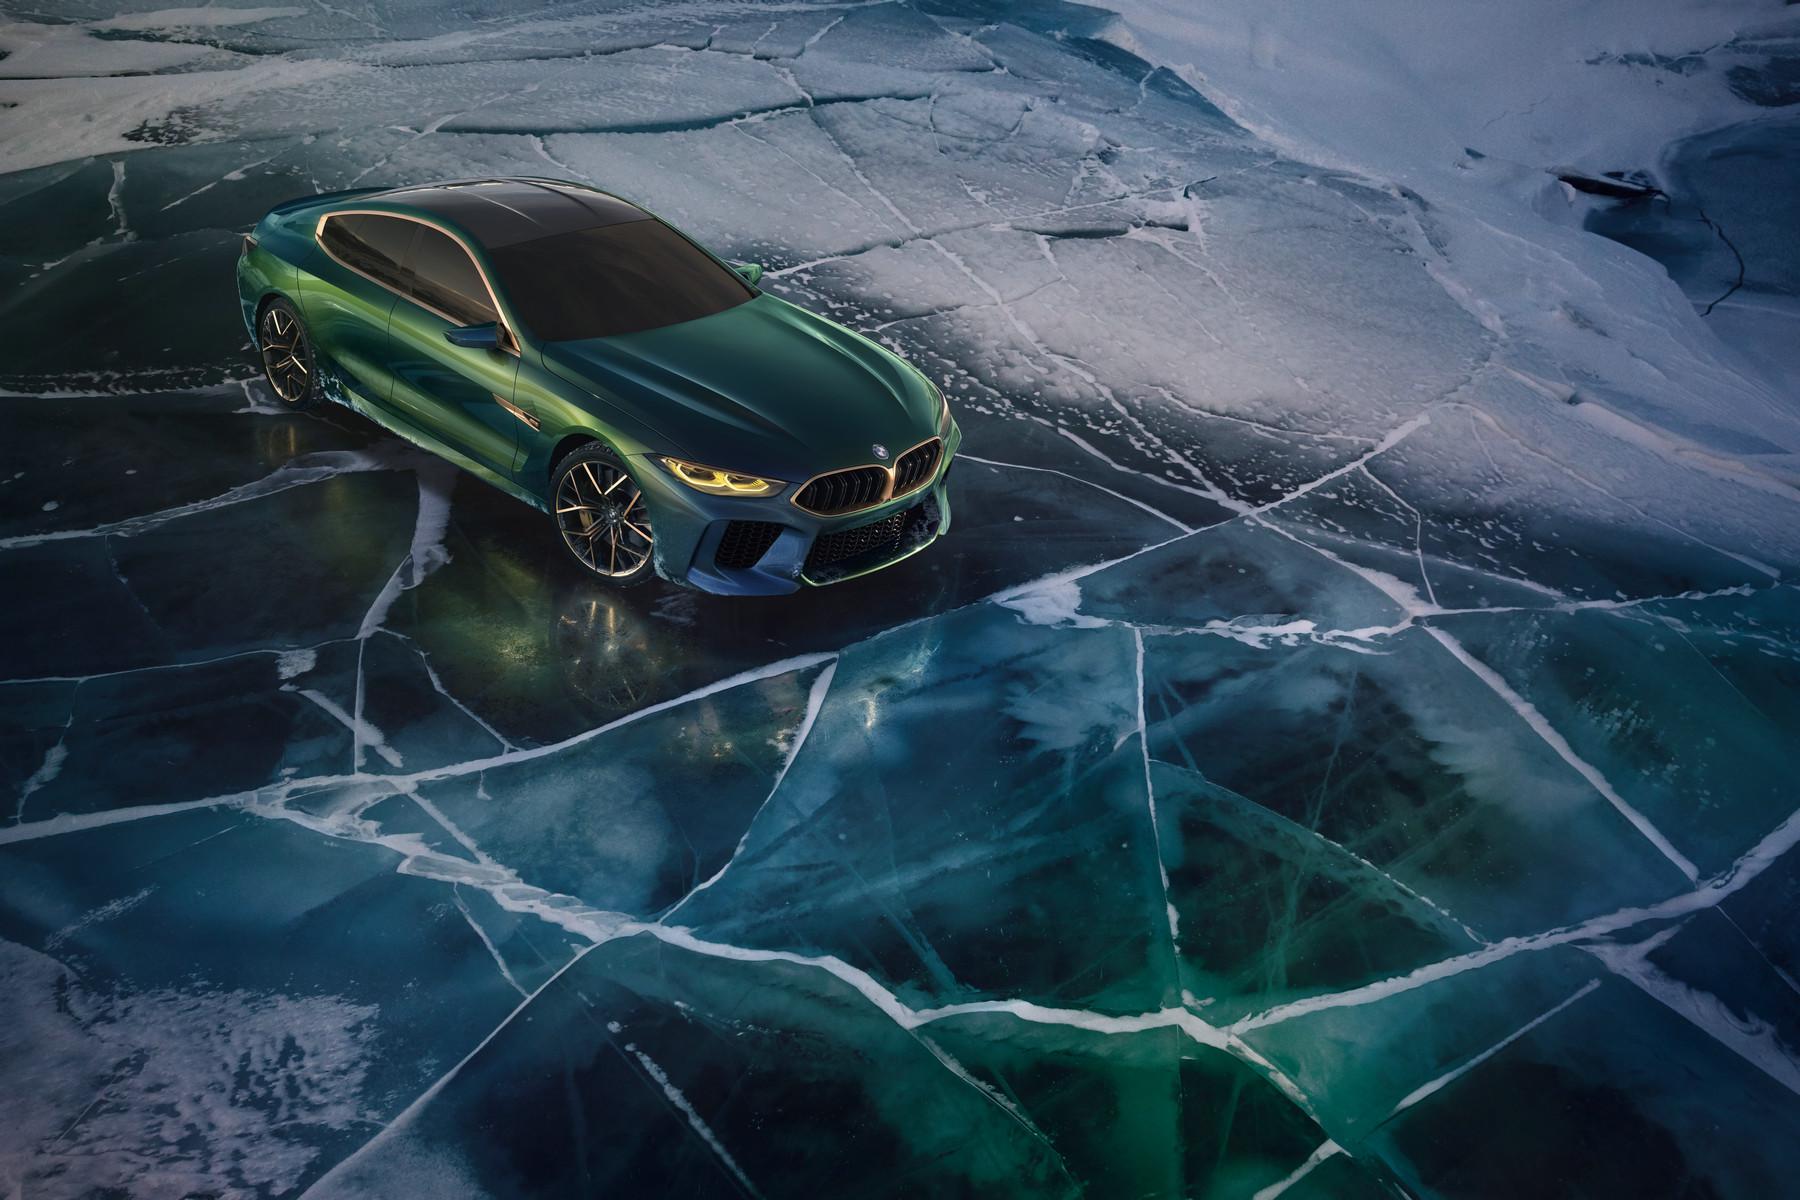 宝马日内瓦首发M8四门轿跑概念车 2019年量产